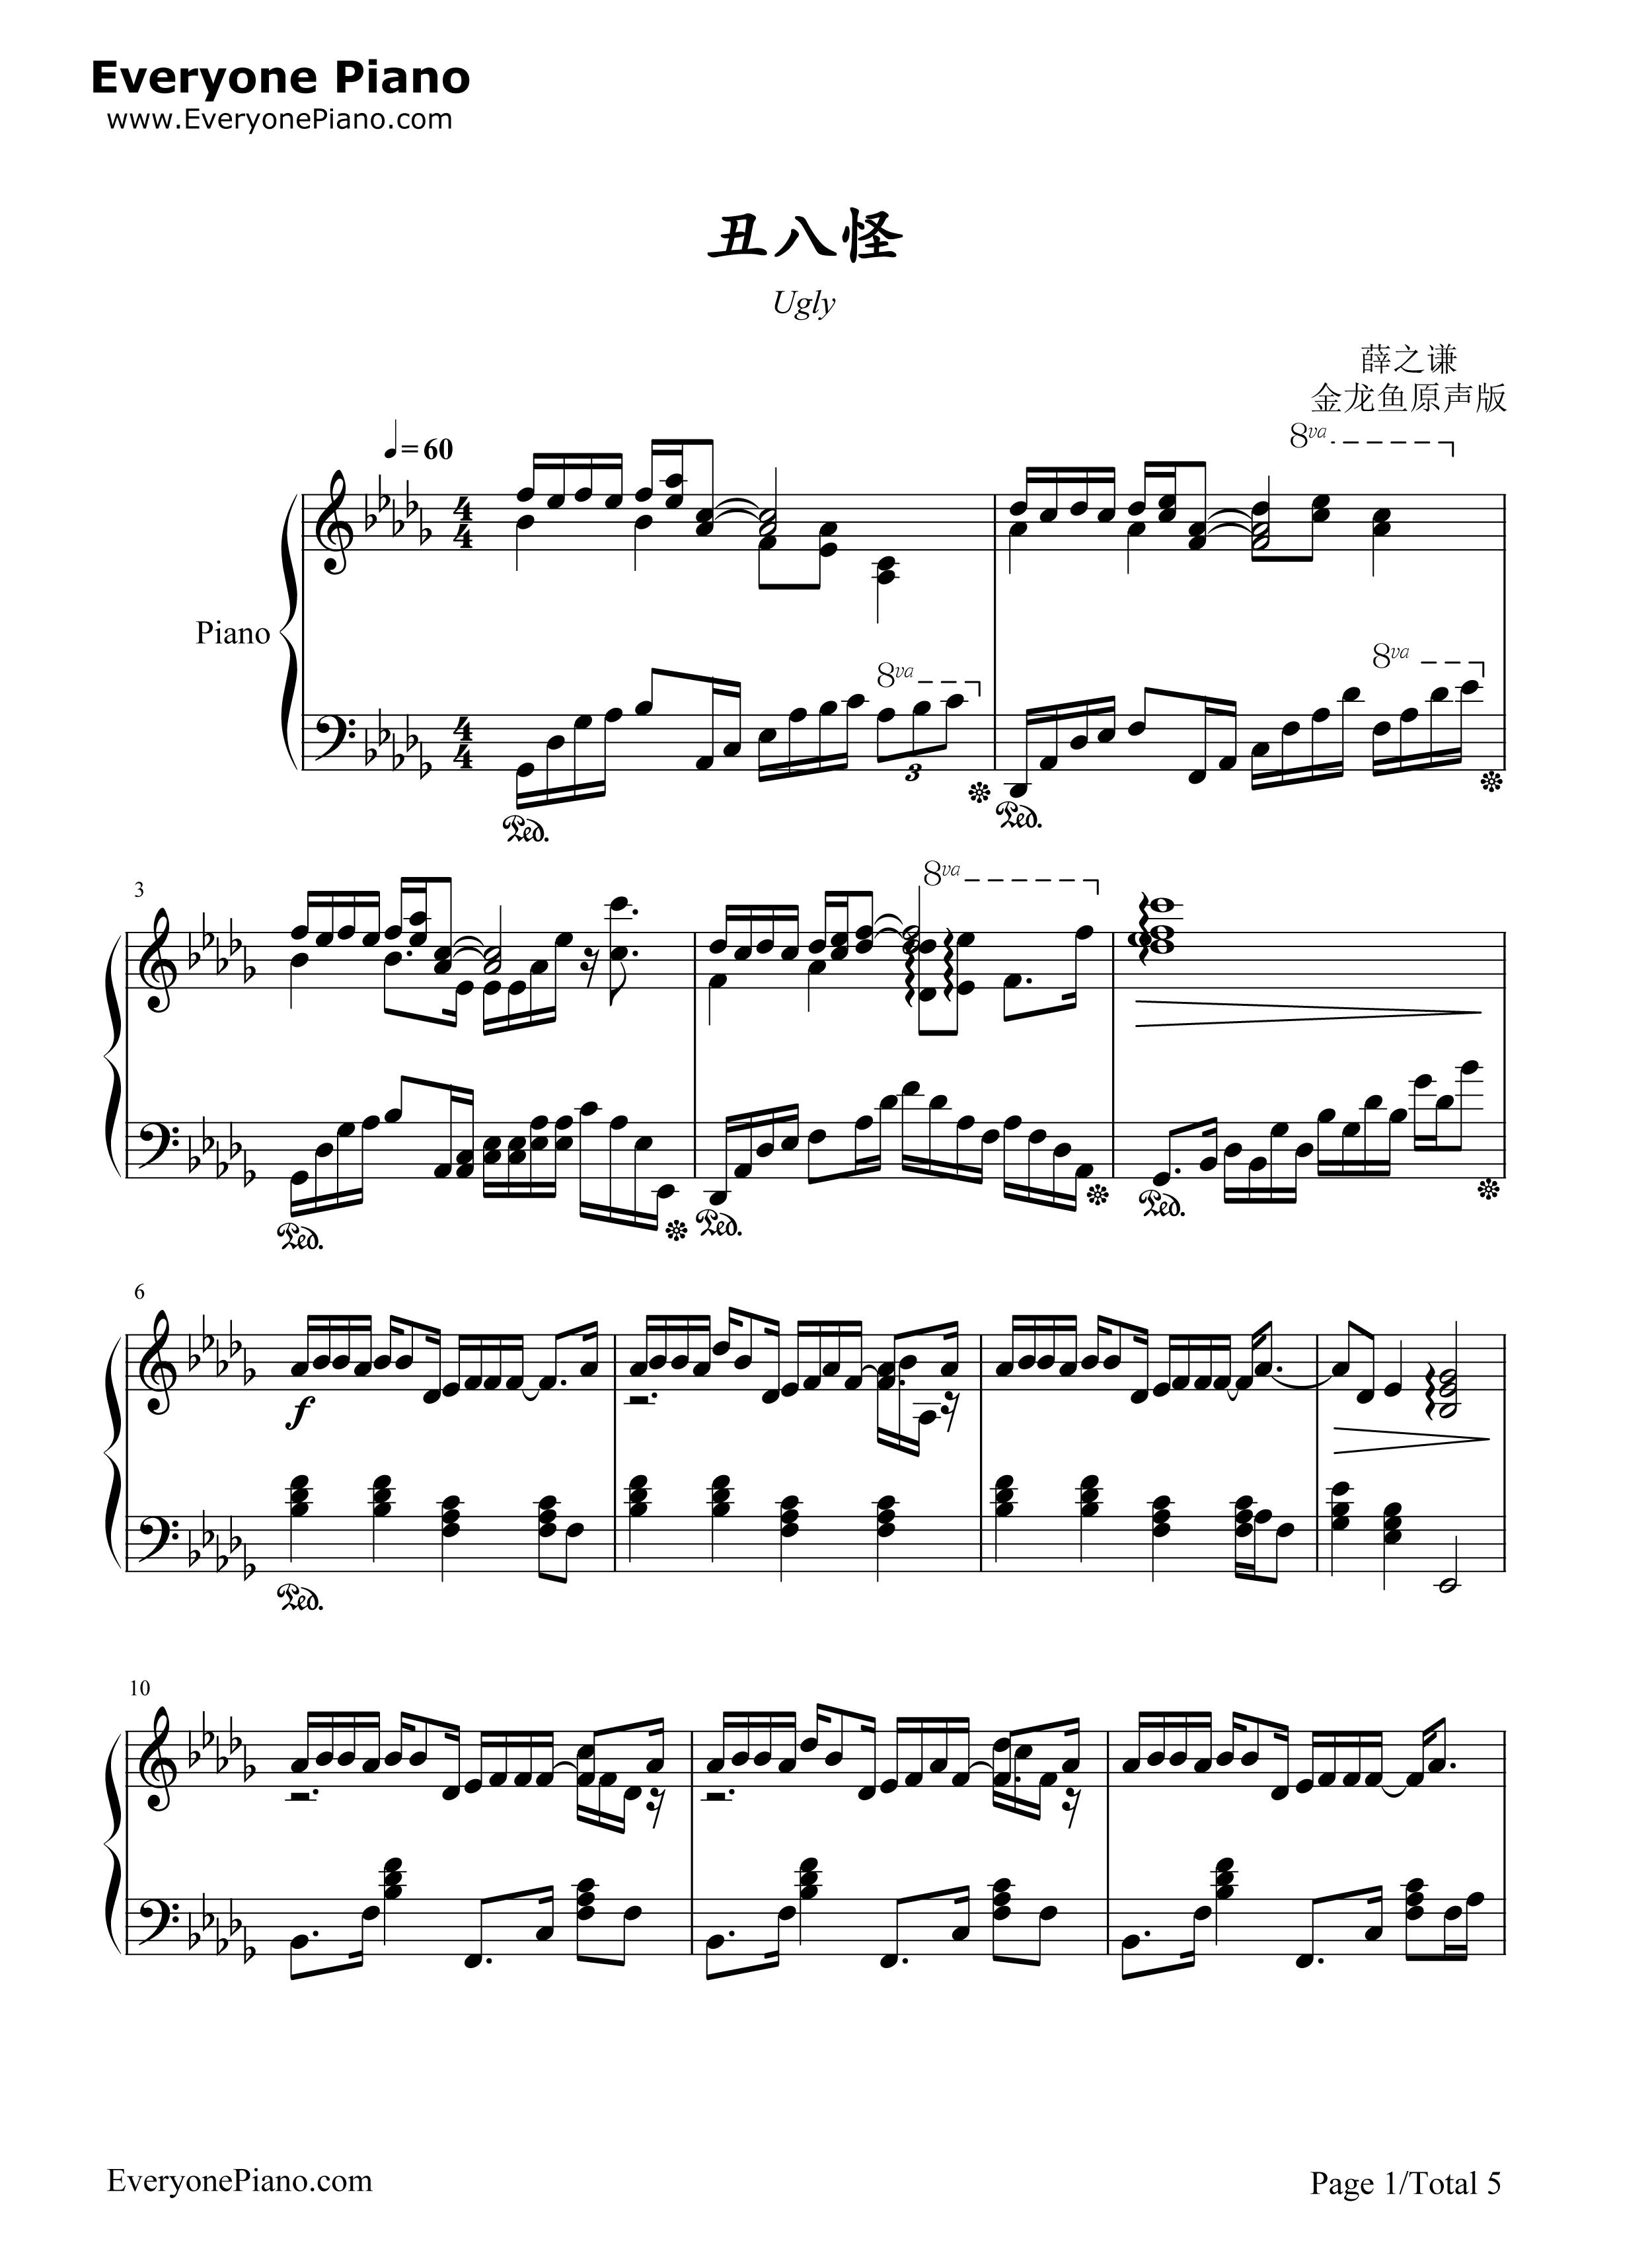 钢琴曲谱 流行 丑八怪-完整版 丑八怪-完整版五线谱预览1  }  仅供